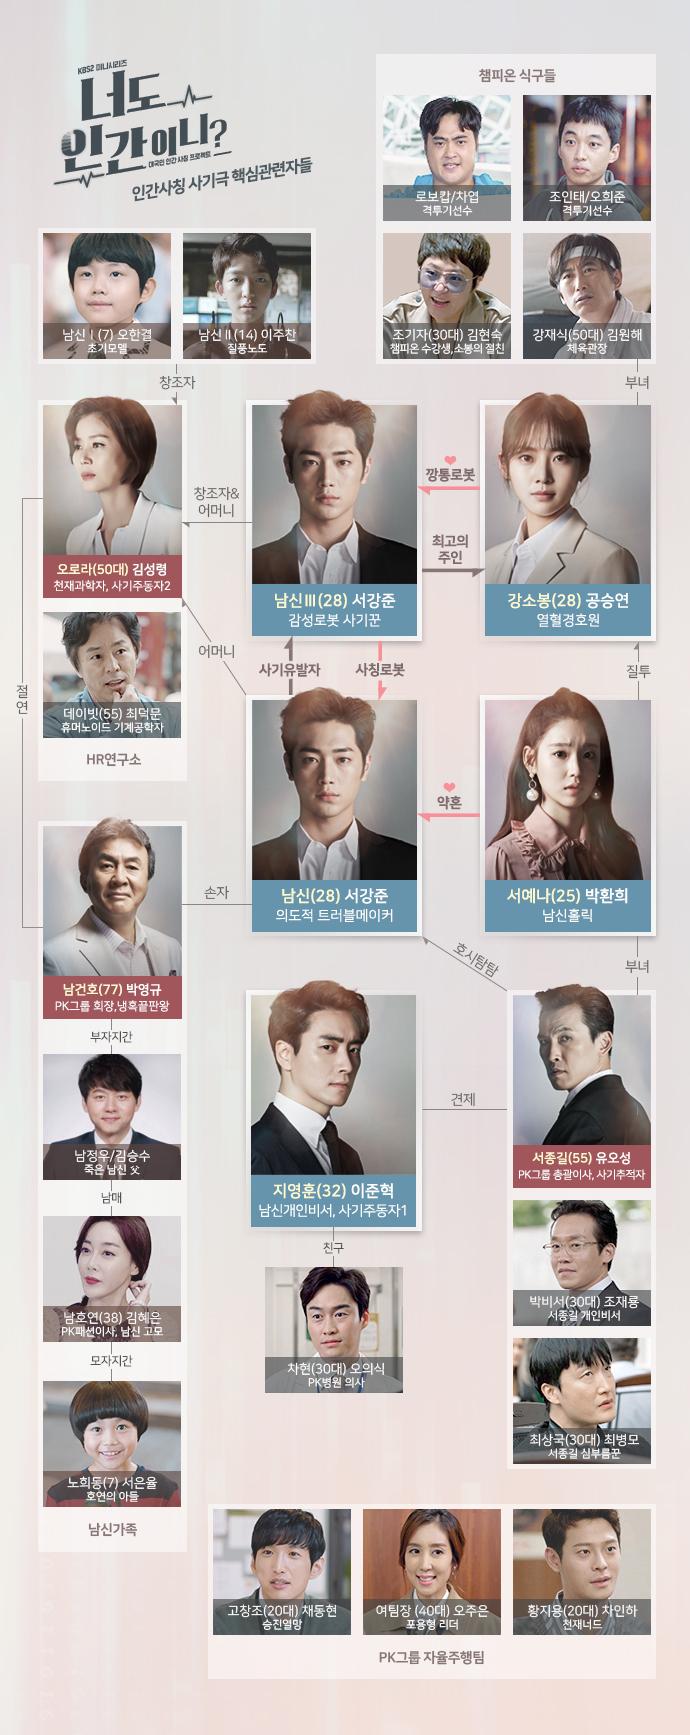 سریال کره ای آیا تو هم انسانی؟